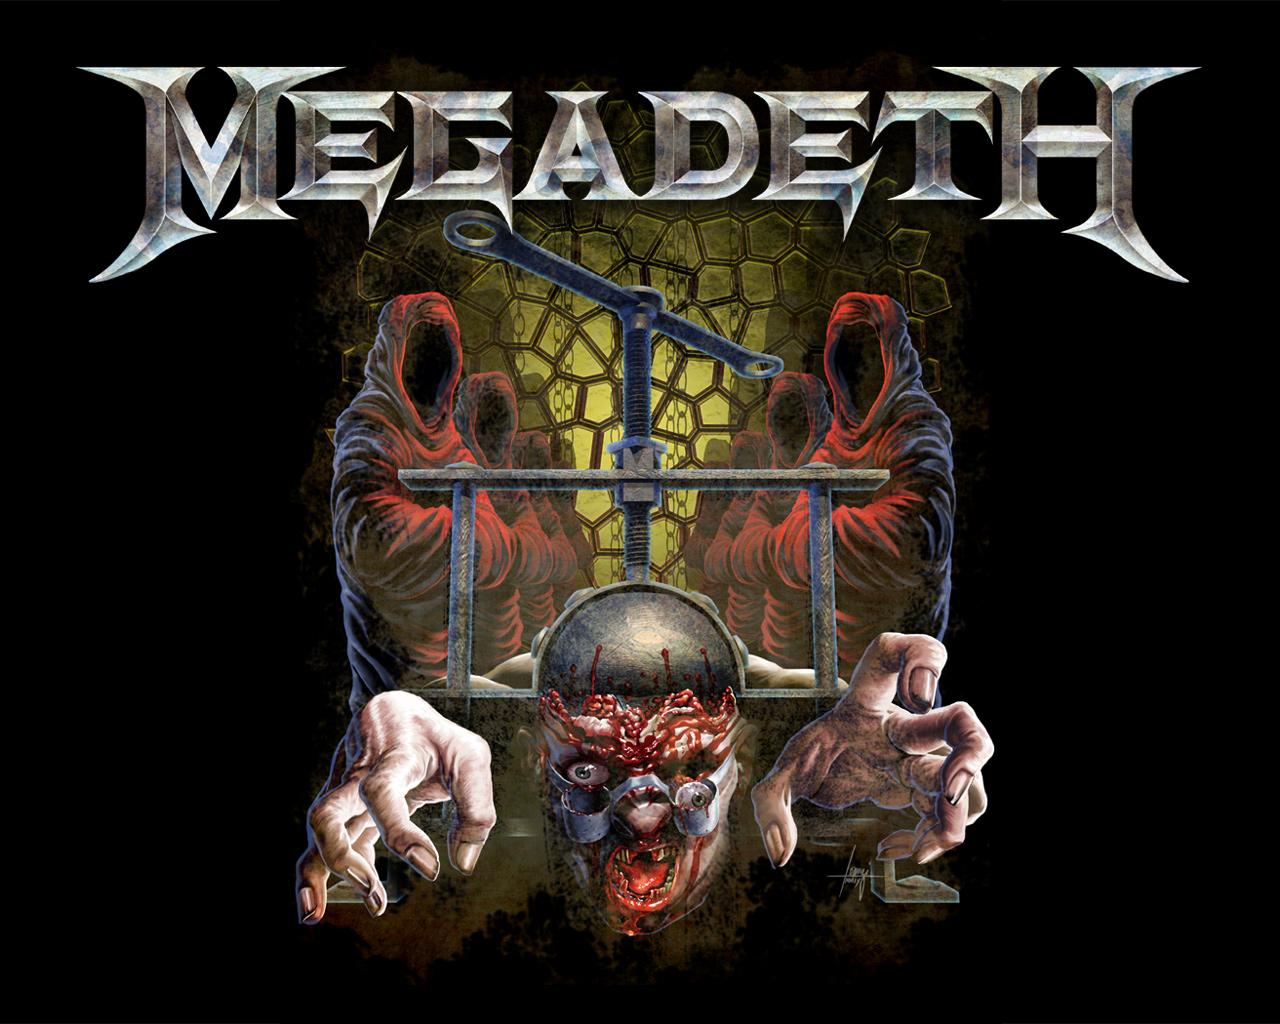 Metallica Wallpaper Hd 1080p Megadeth Wallpaper HD ...